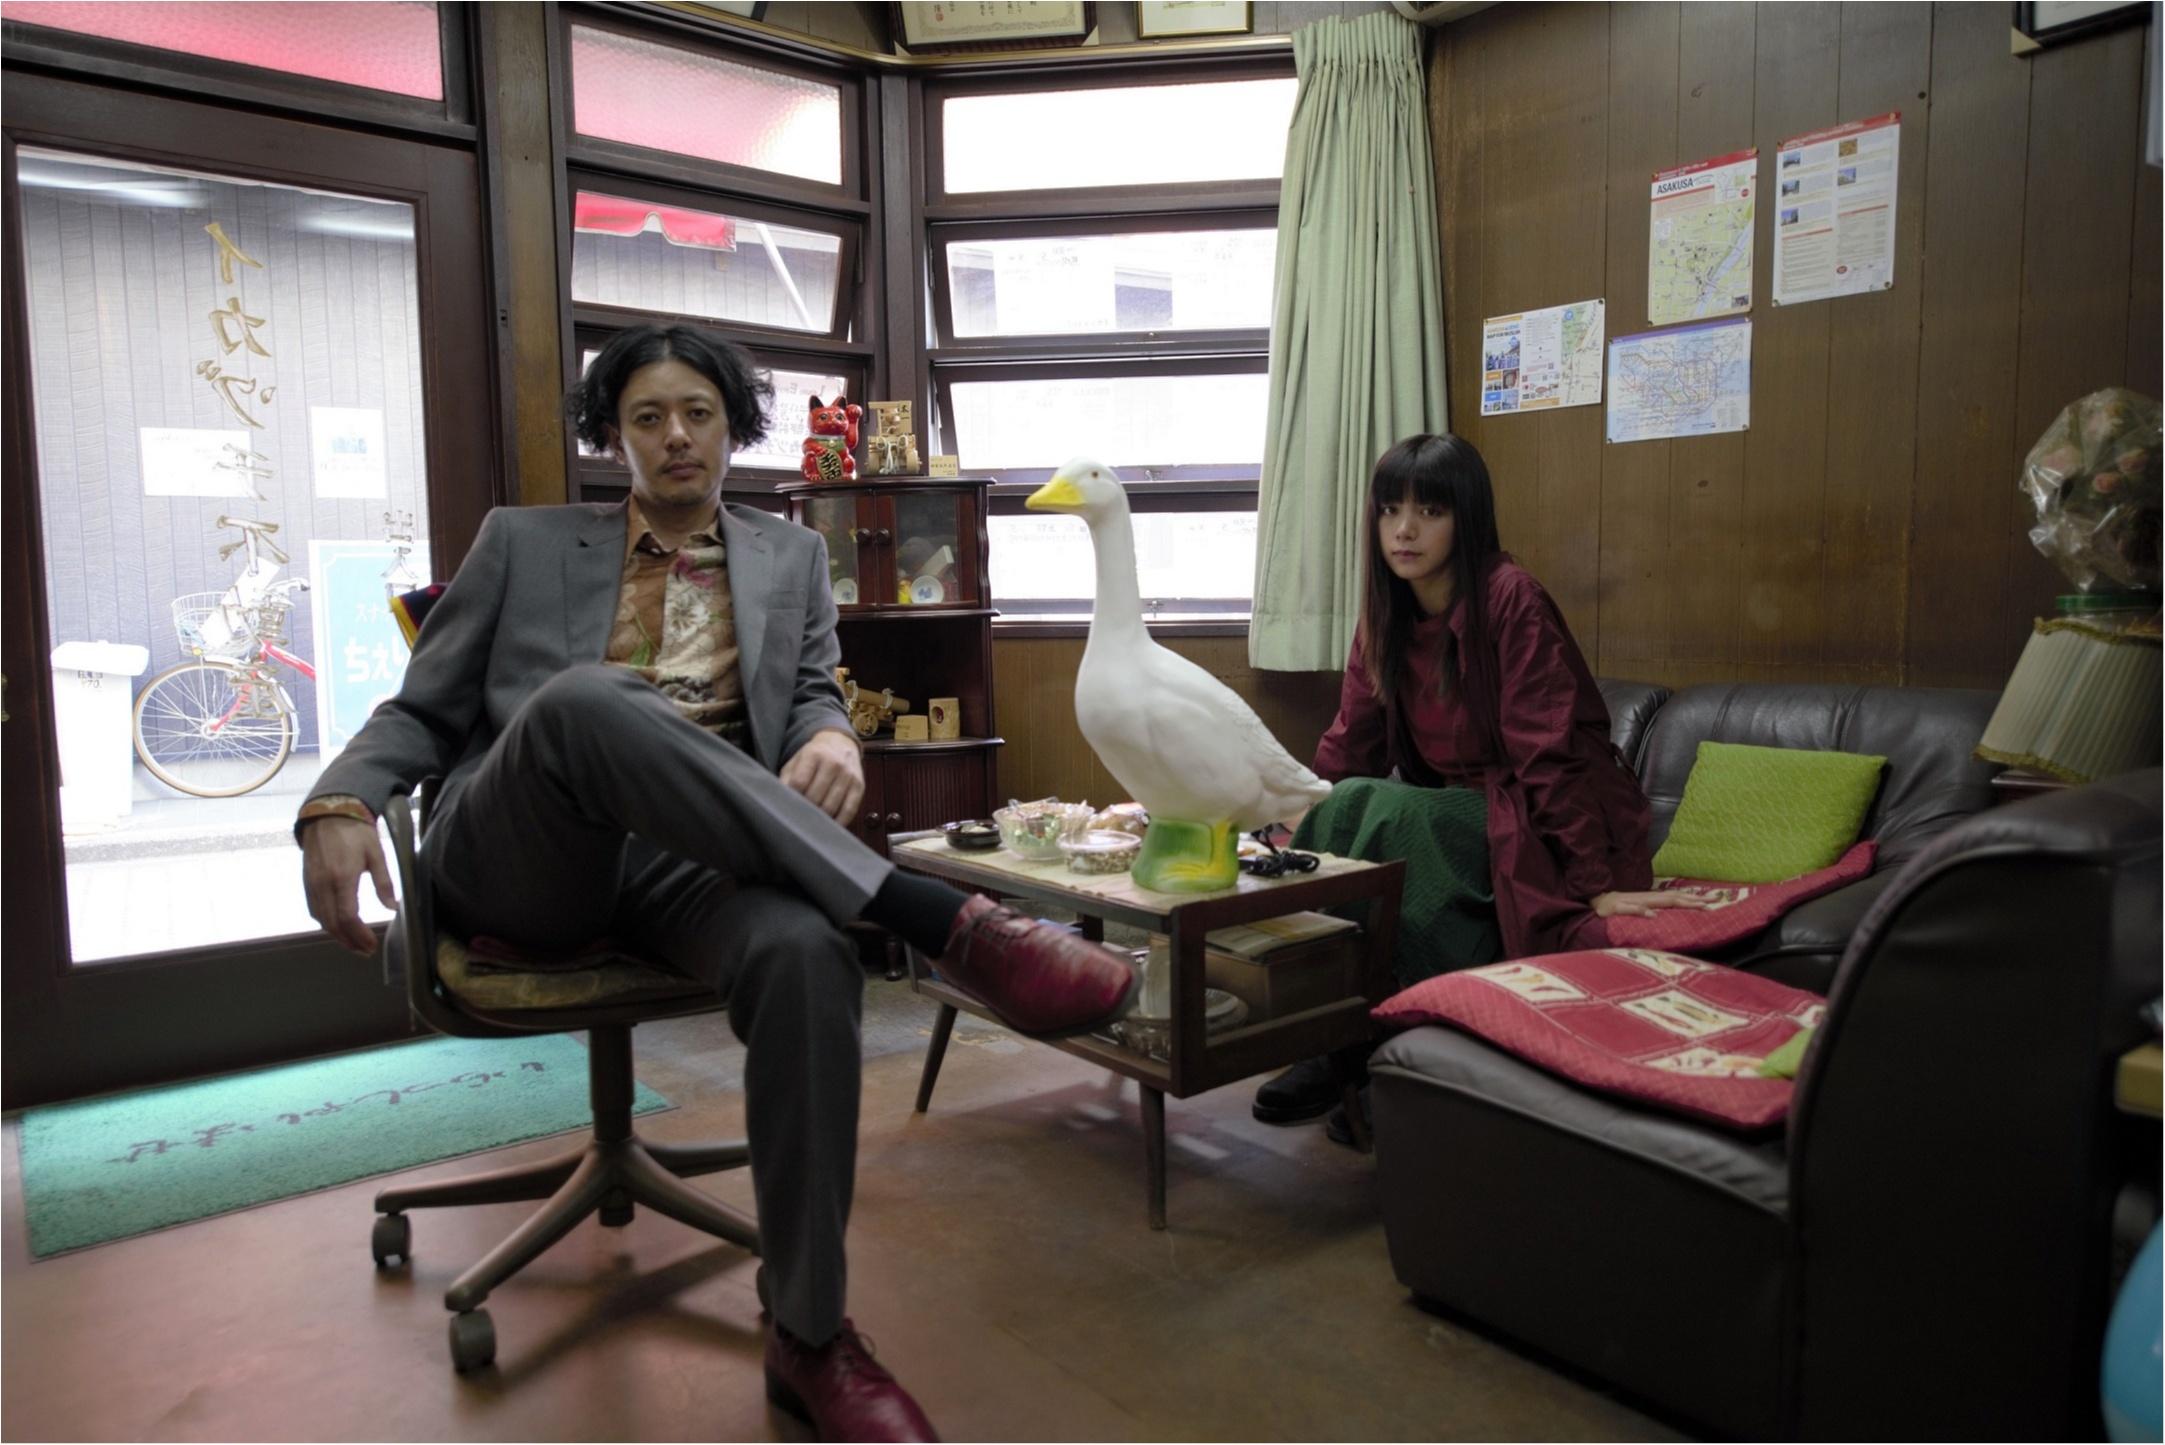 池田エライザが幽霊とルームシェア!? ワケあり物件を舞台にしたコメディ映画『ルームロンダリング』_1